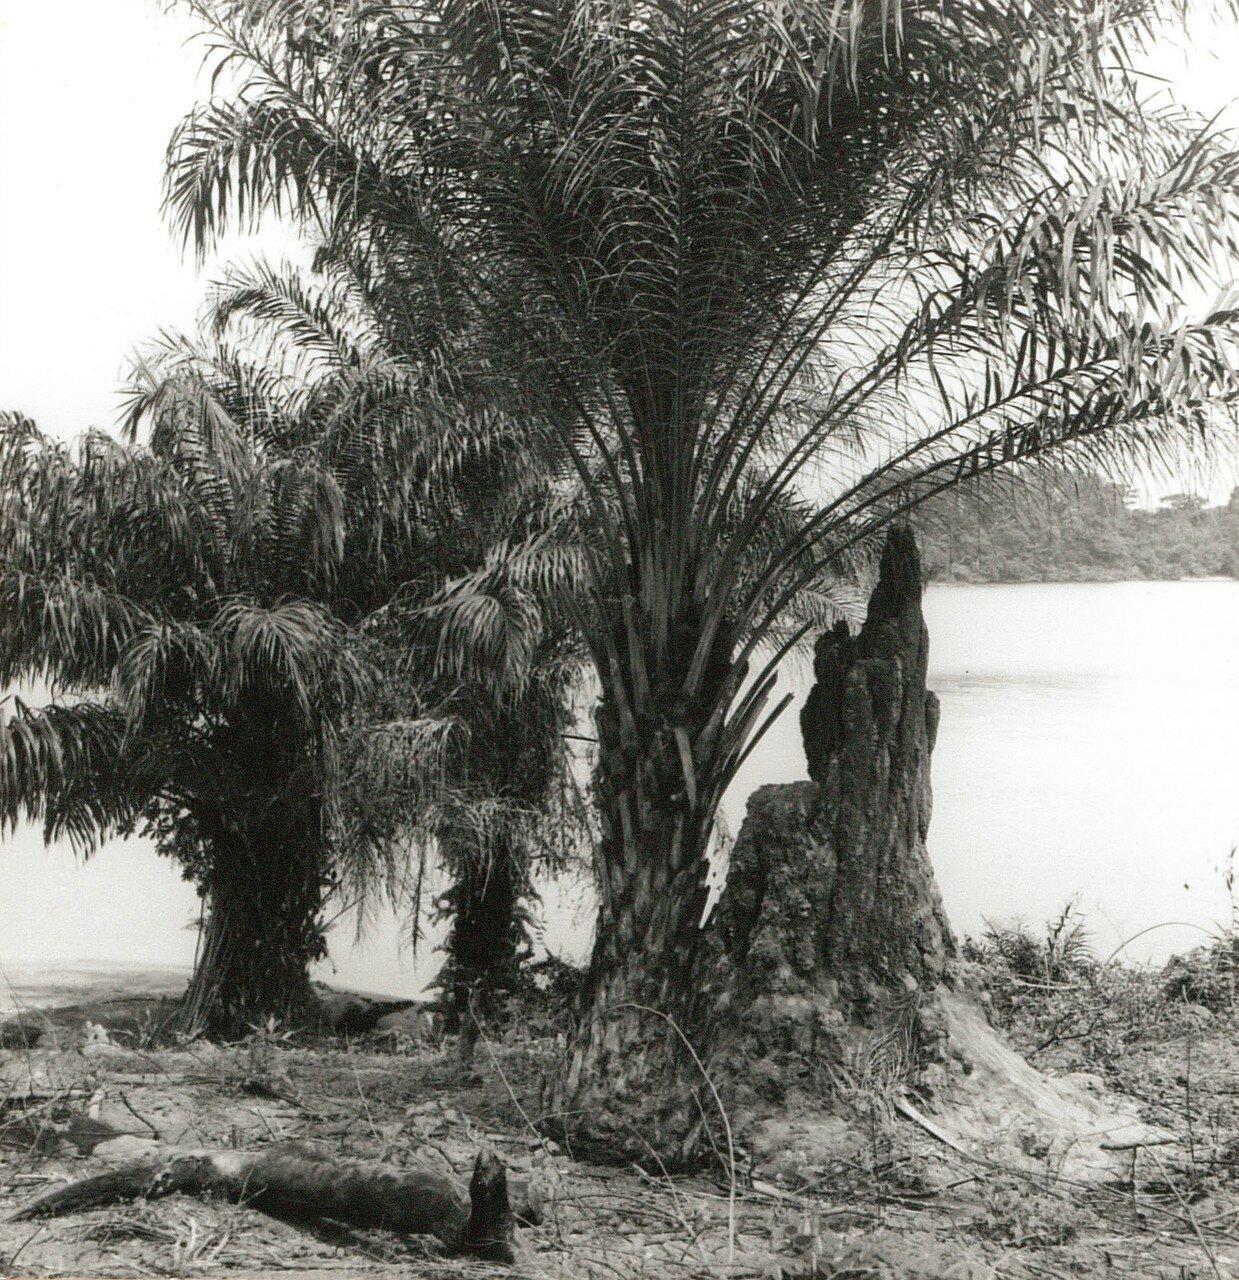 Абиджан. Остров Буле в лагуне  Эбрие. Пальмы и термитник